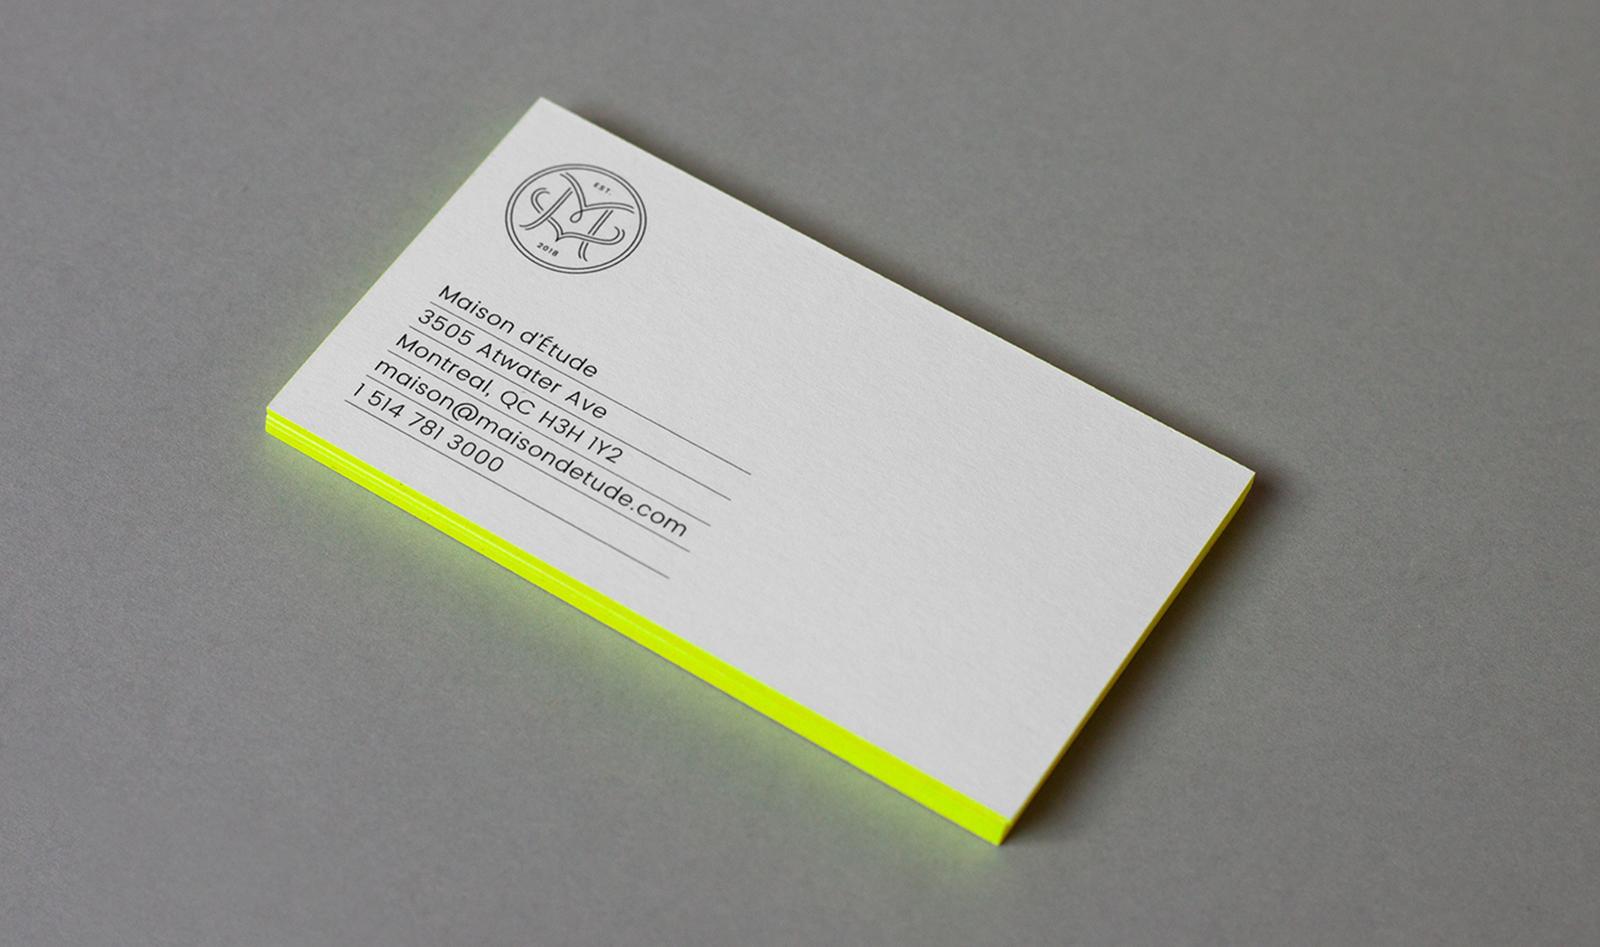 Maison d'Étude 时尚品牌形象设计欣赏-VI设计9